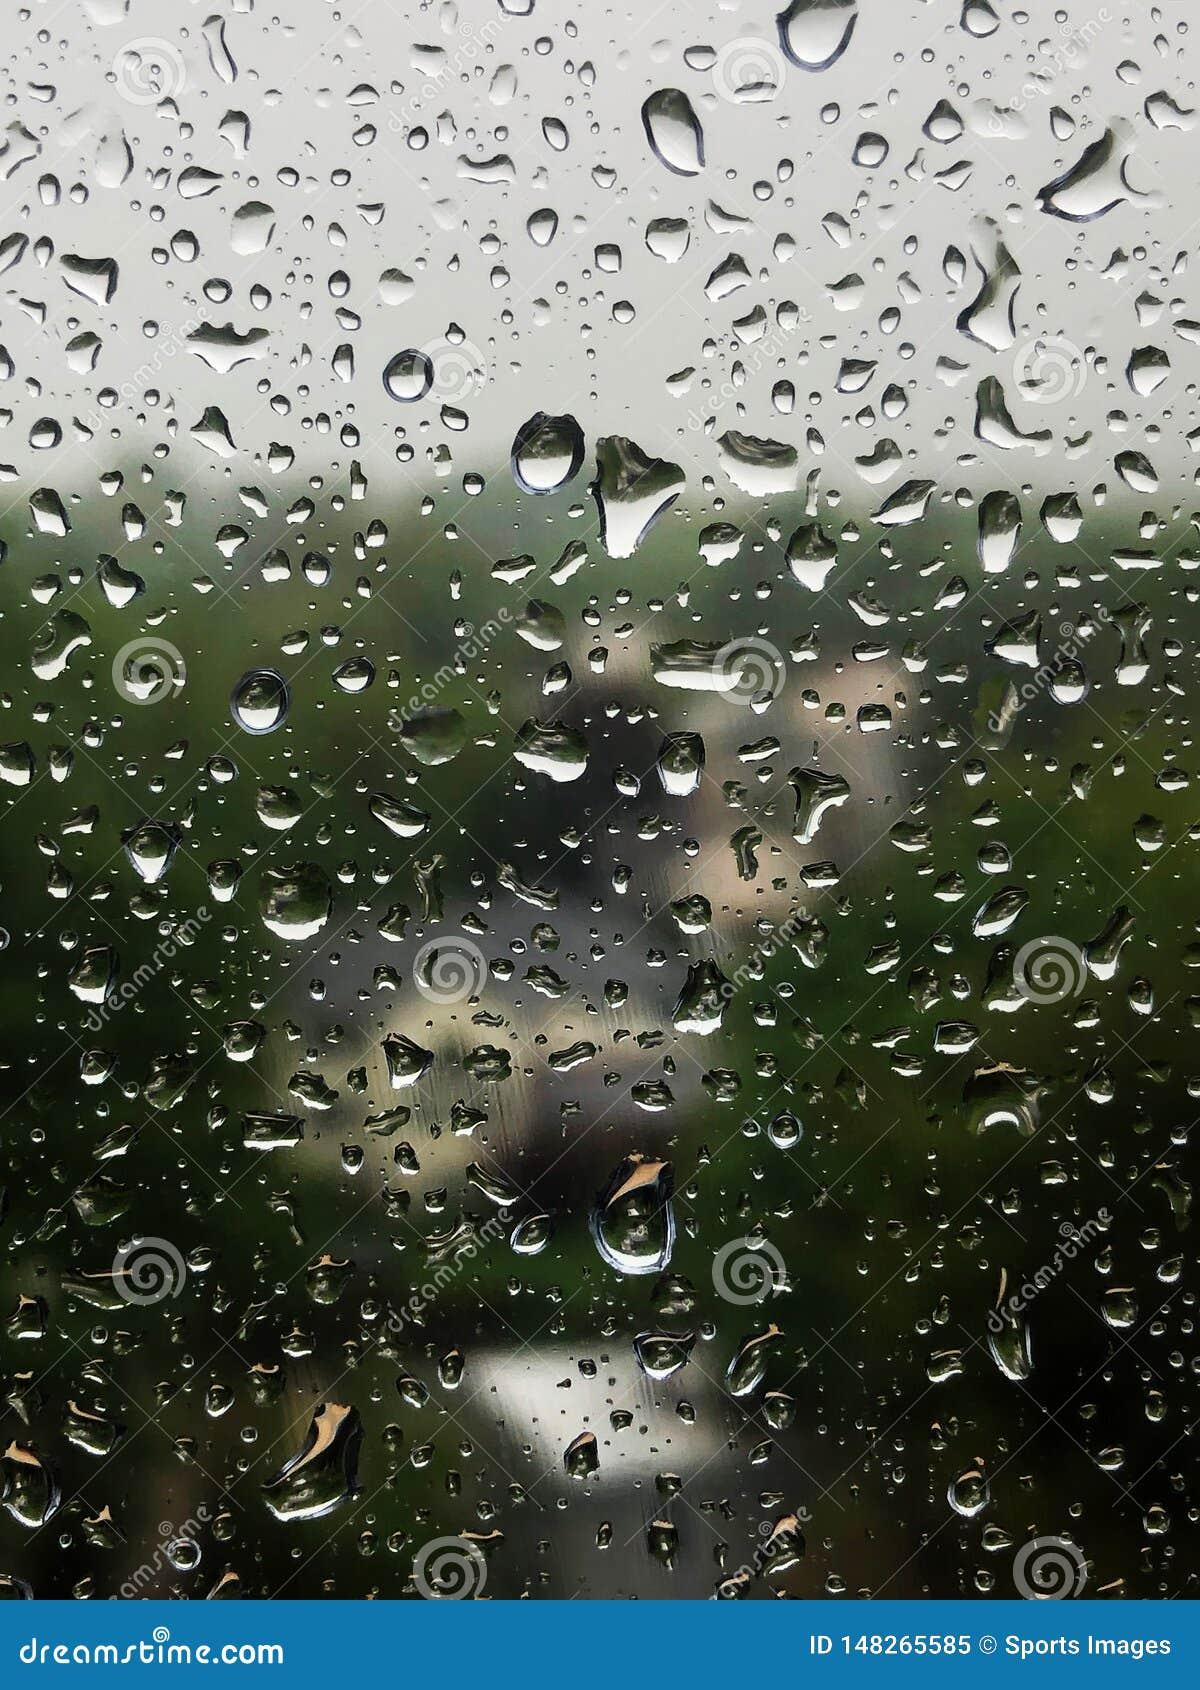 Waterdrops on a window.